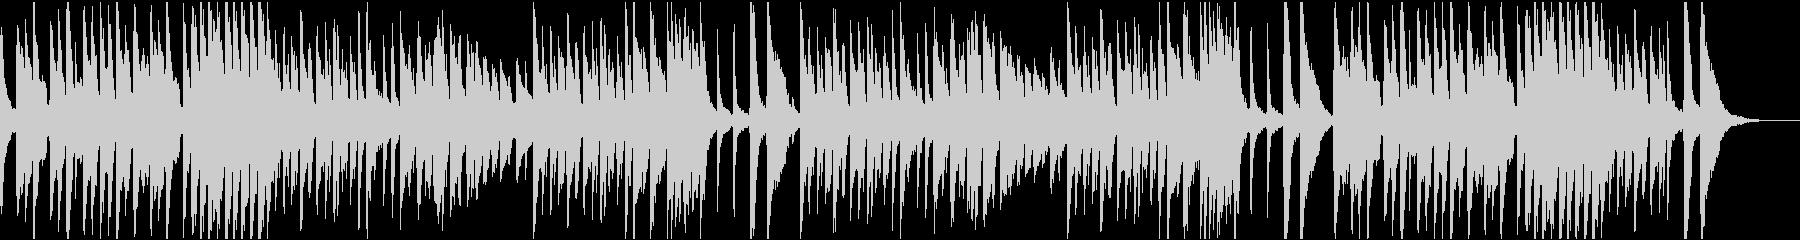 10秒でサビ、クラシックコミカル/静かめの未再生の波形